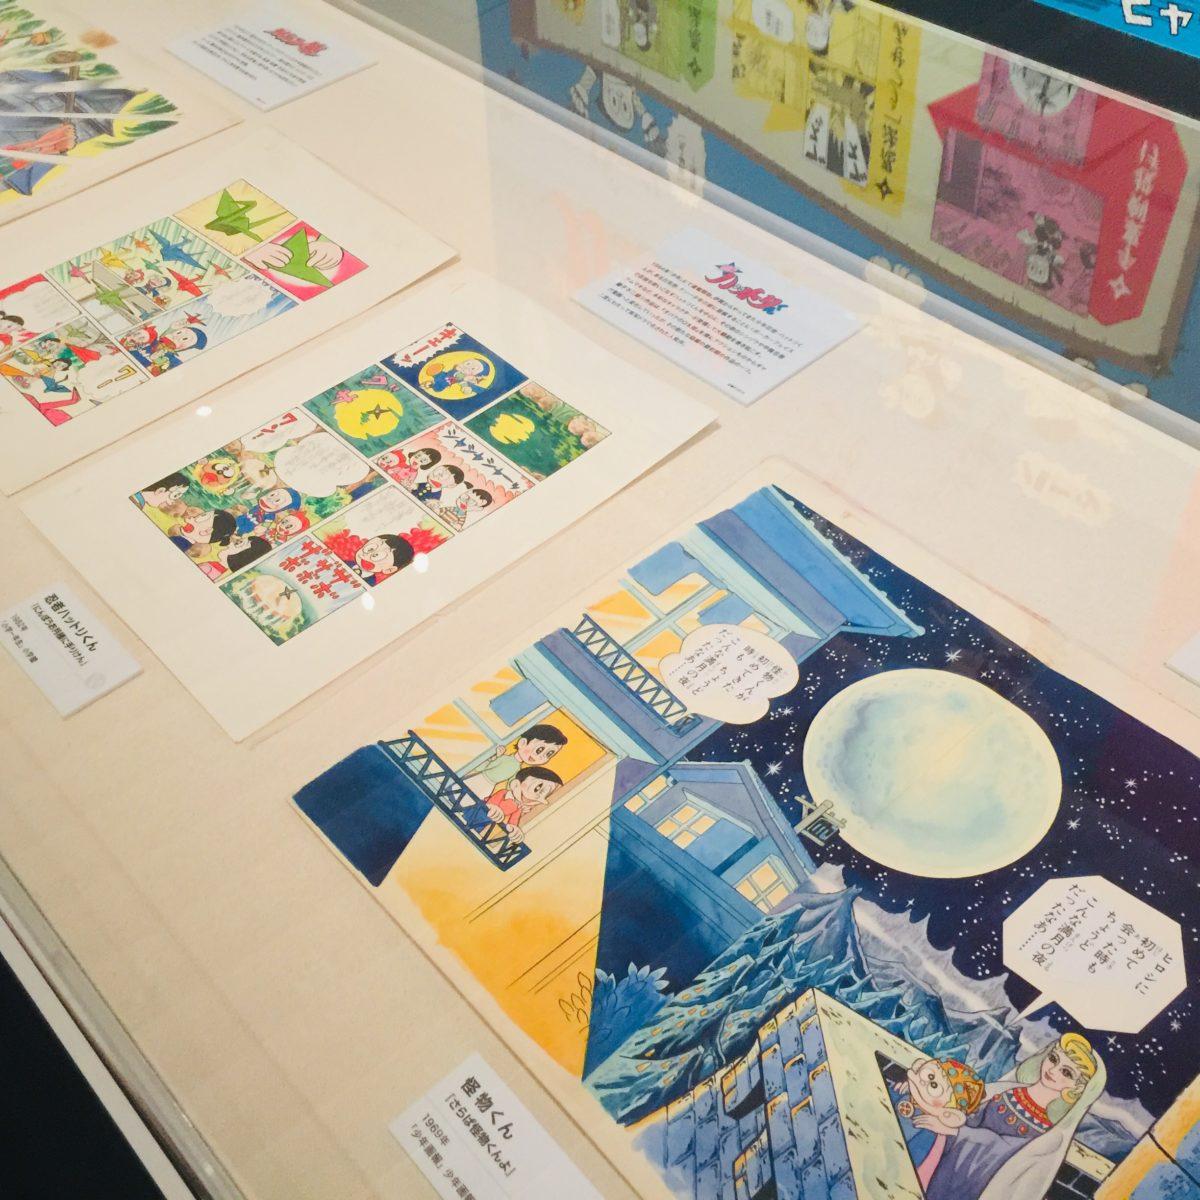 「藤子不二雄Ⓐ展」での怪物くんの最終回の原画展示